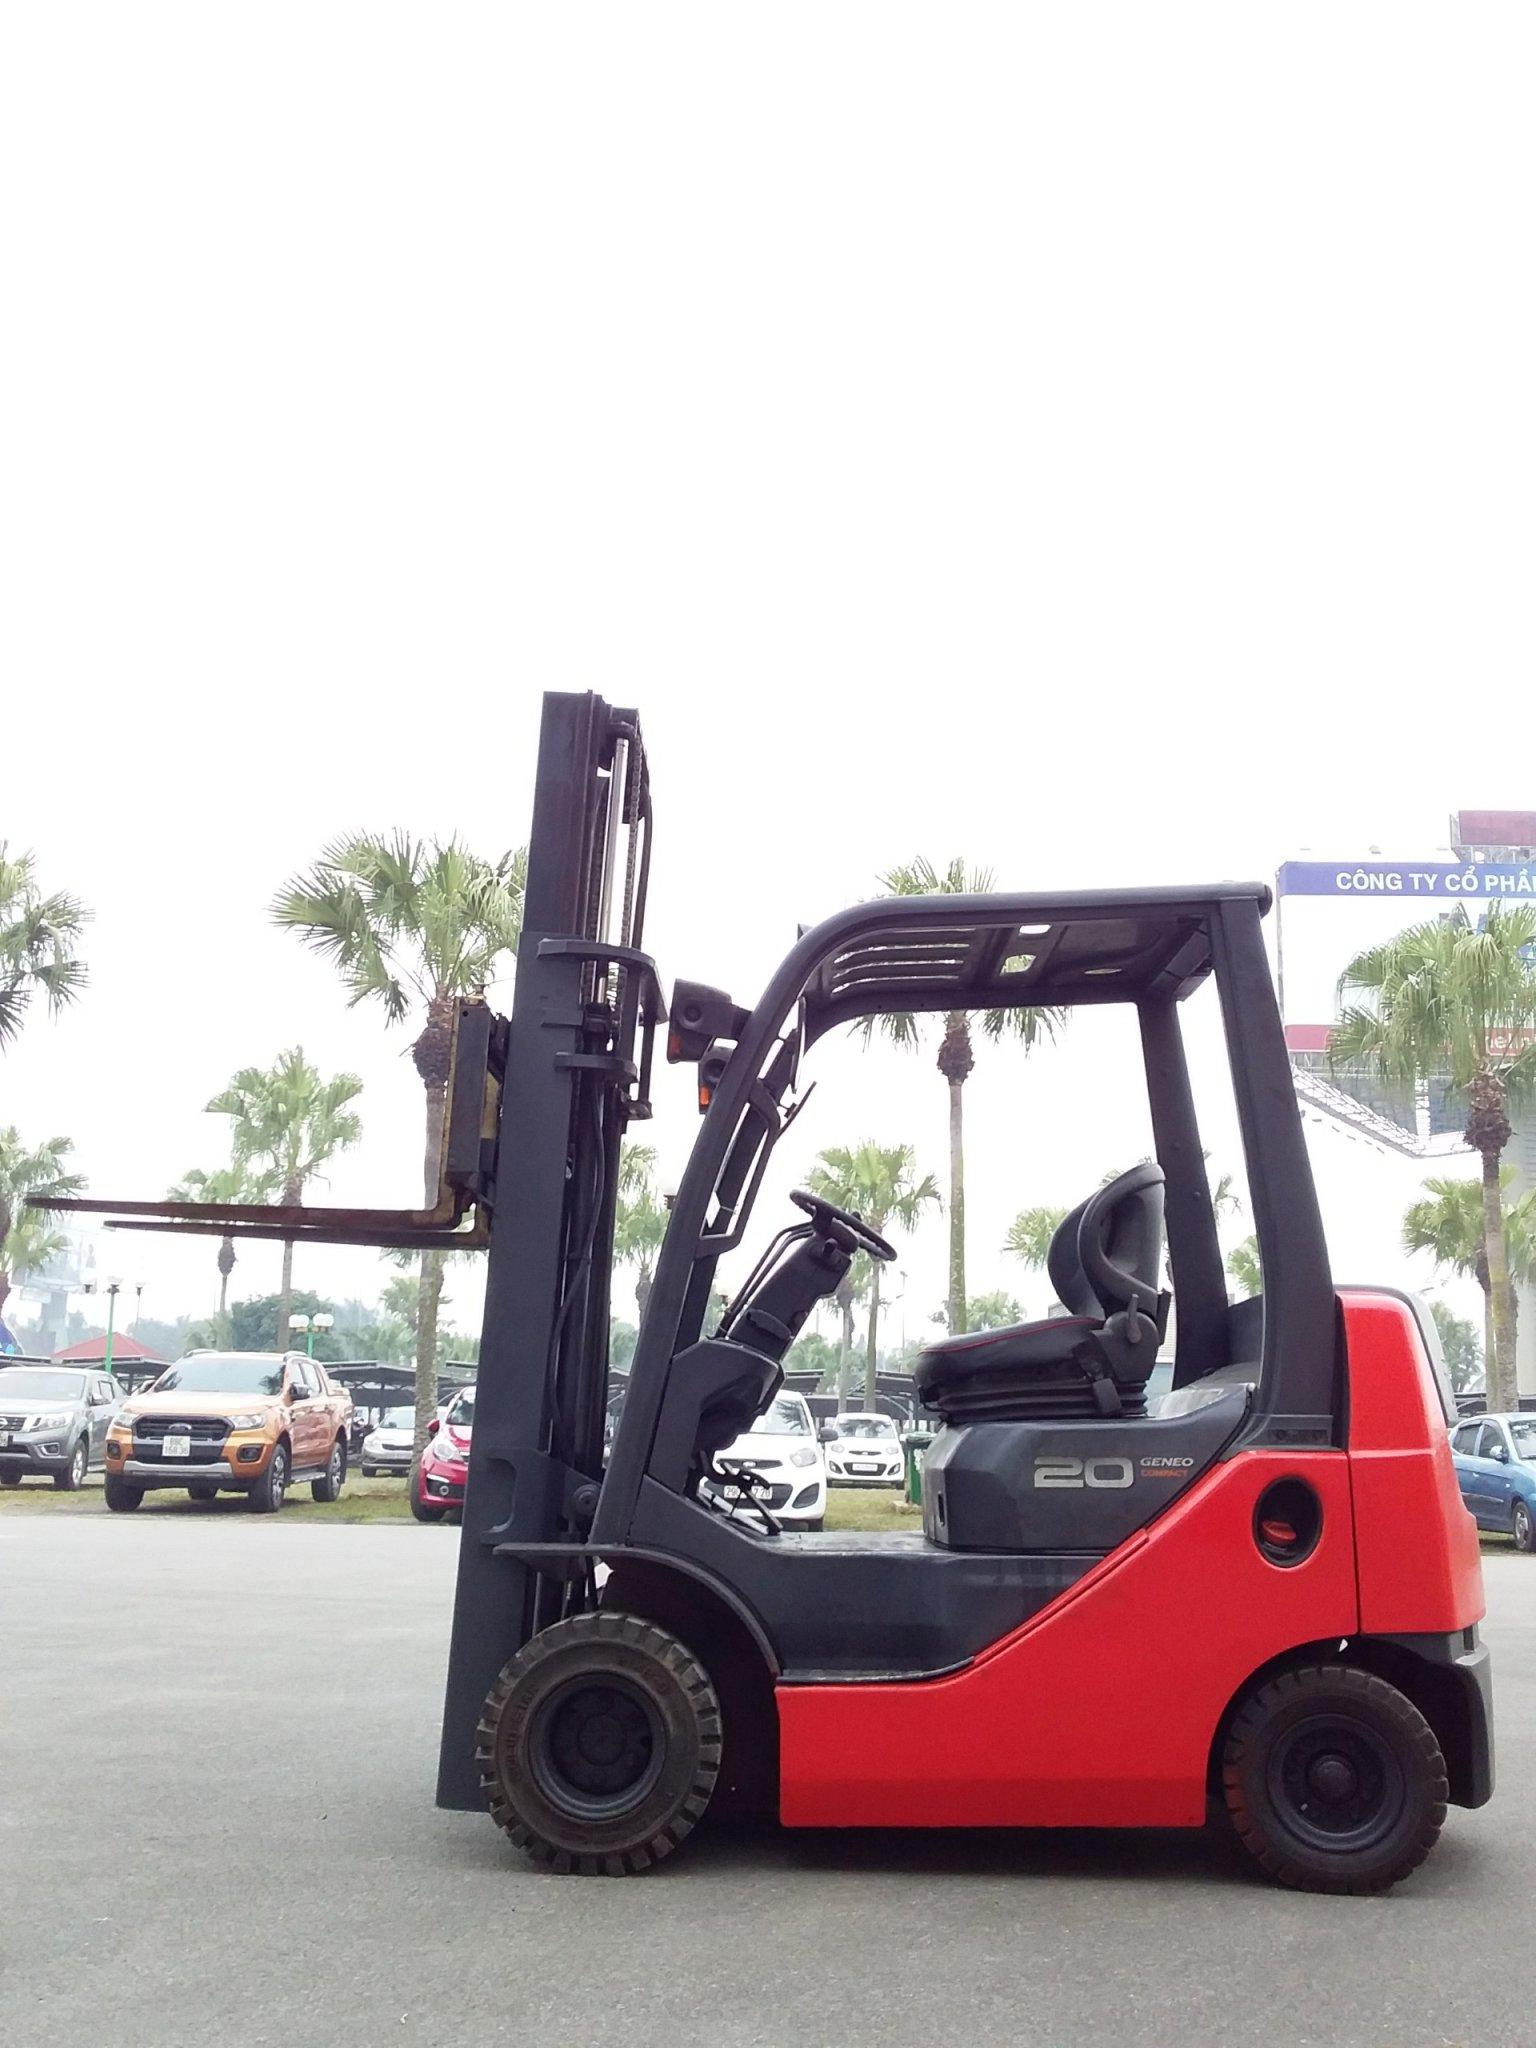 Xe nâng cũ Toyota 2 tấn Model 02-8FDK20, Số Khung 8FDK30-10153, bảo hành dài hạn, hàng có sẵn tại TFV Mê Linh Plaza